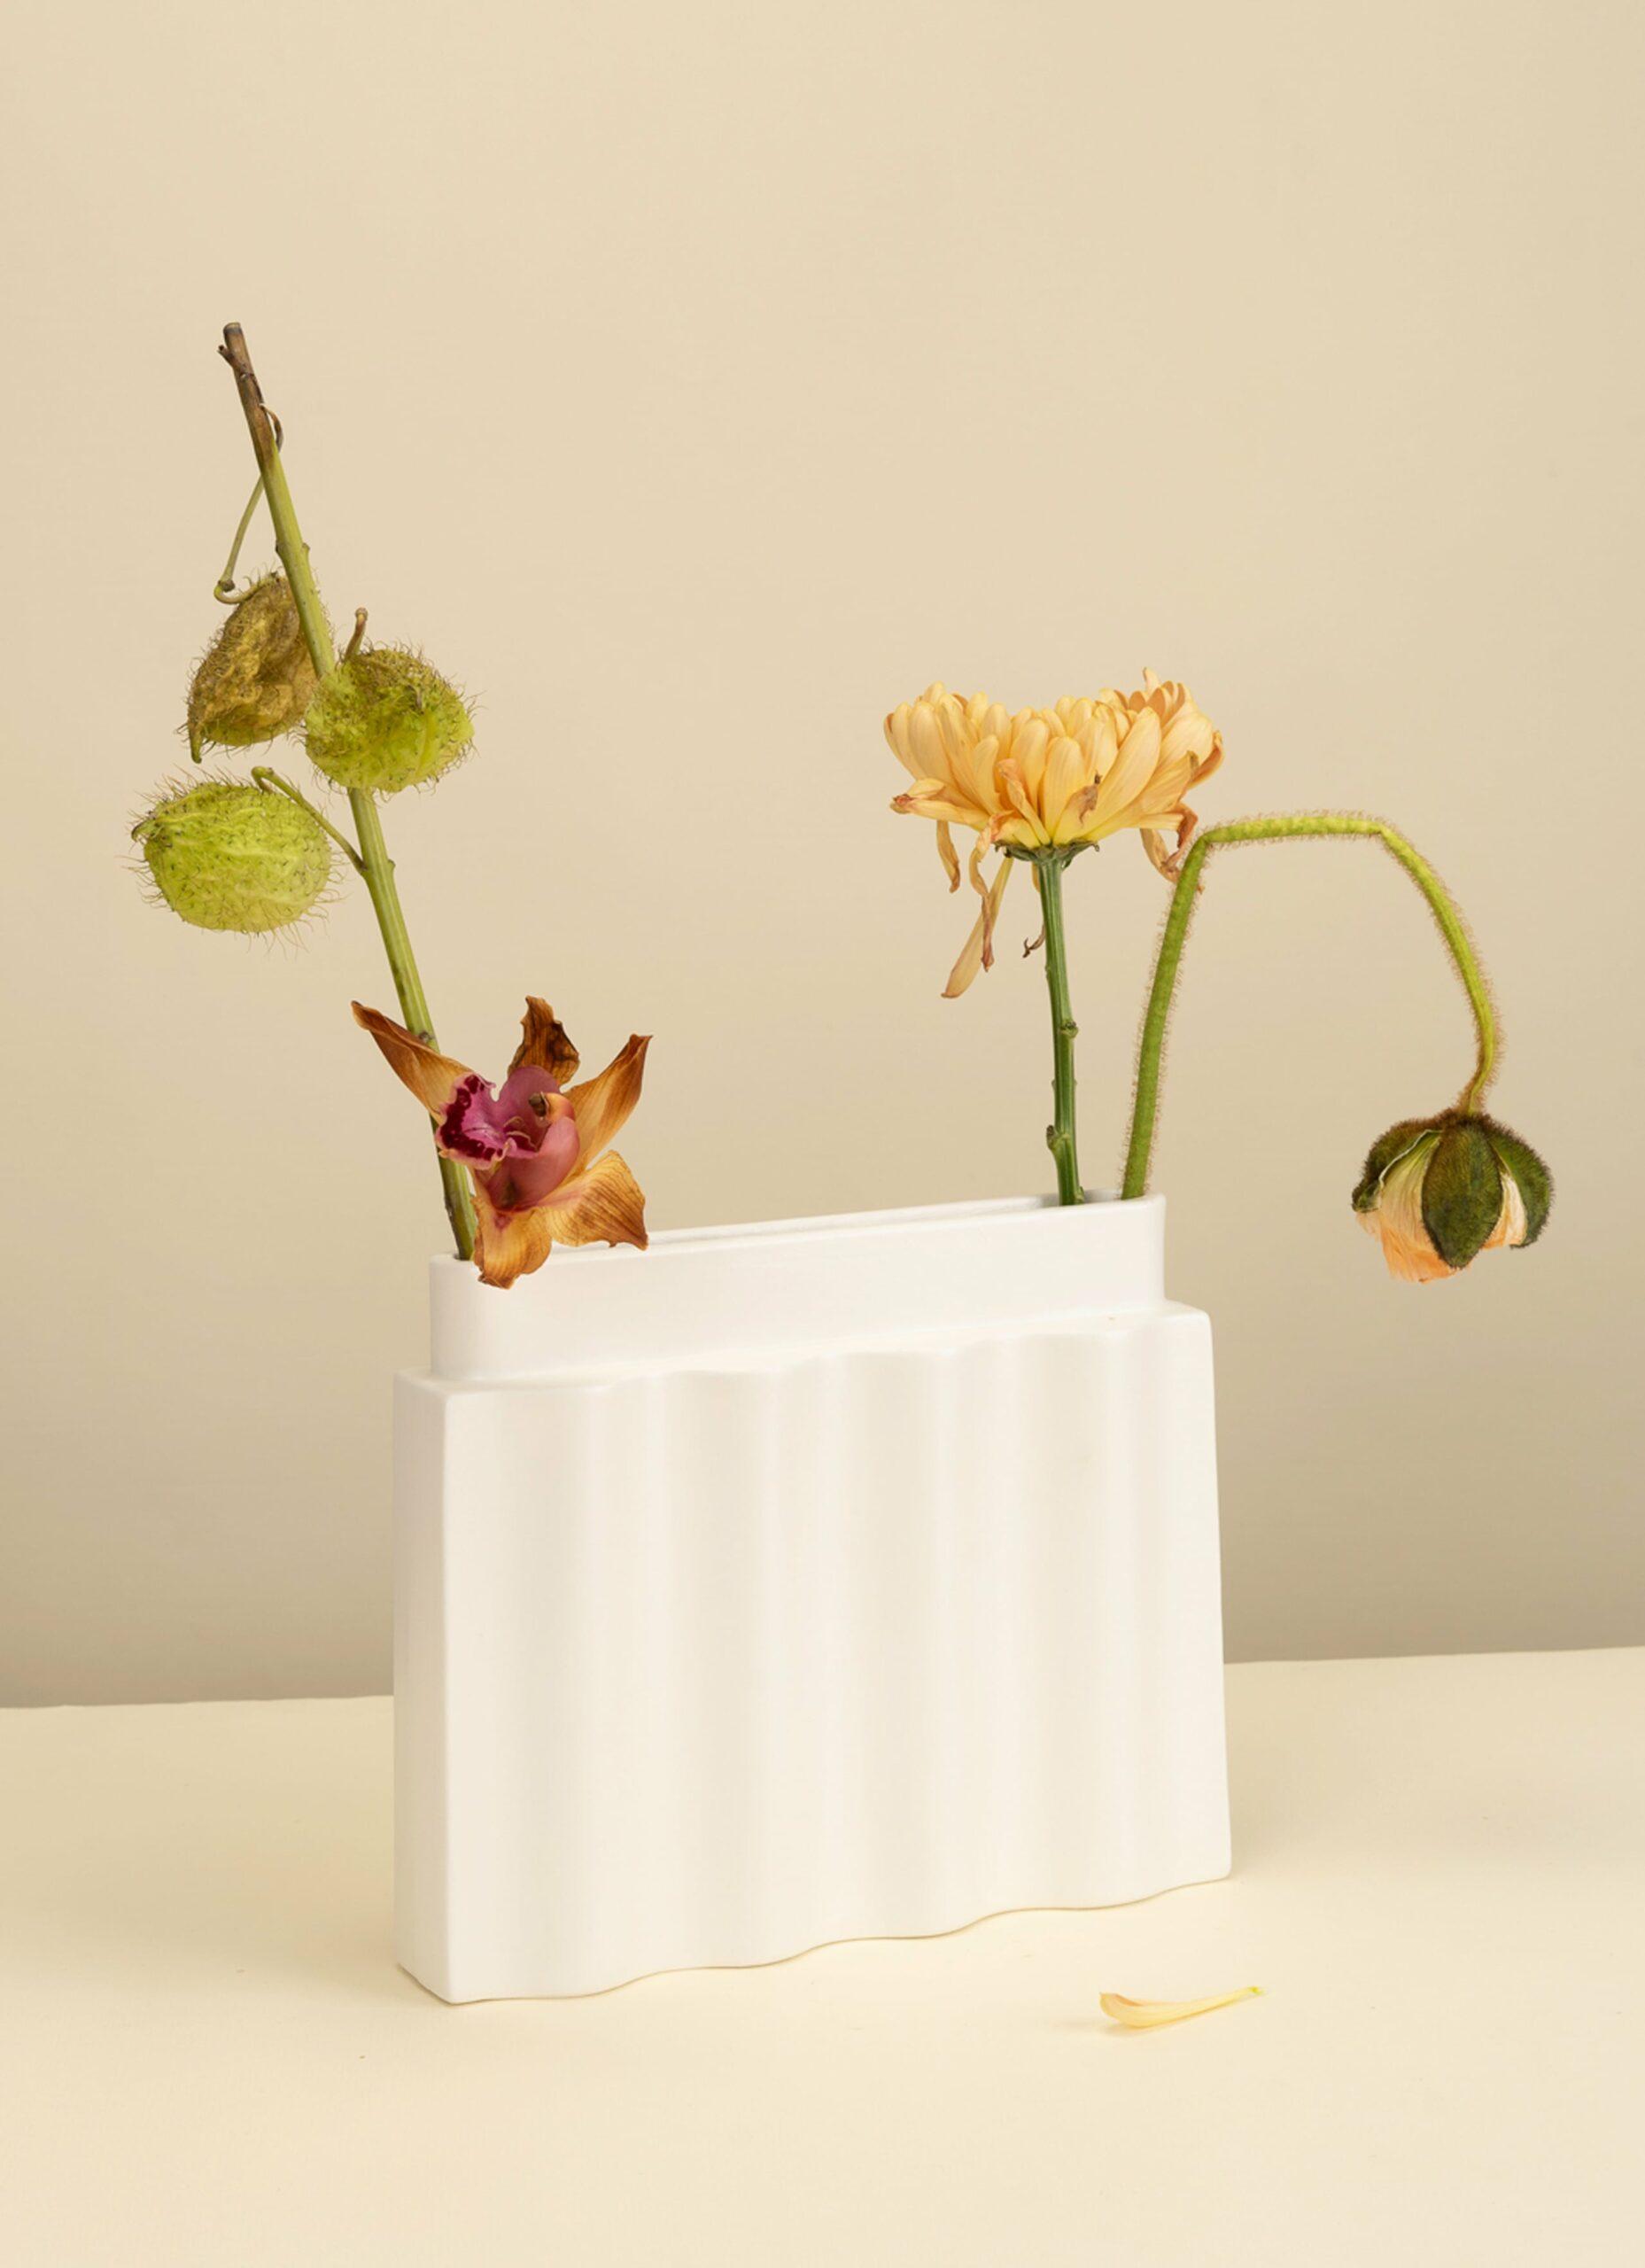 Los Objetos Decorativos - Waves Vase - White